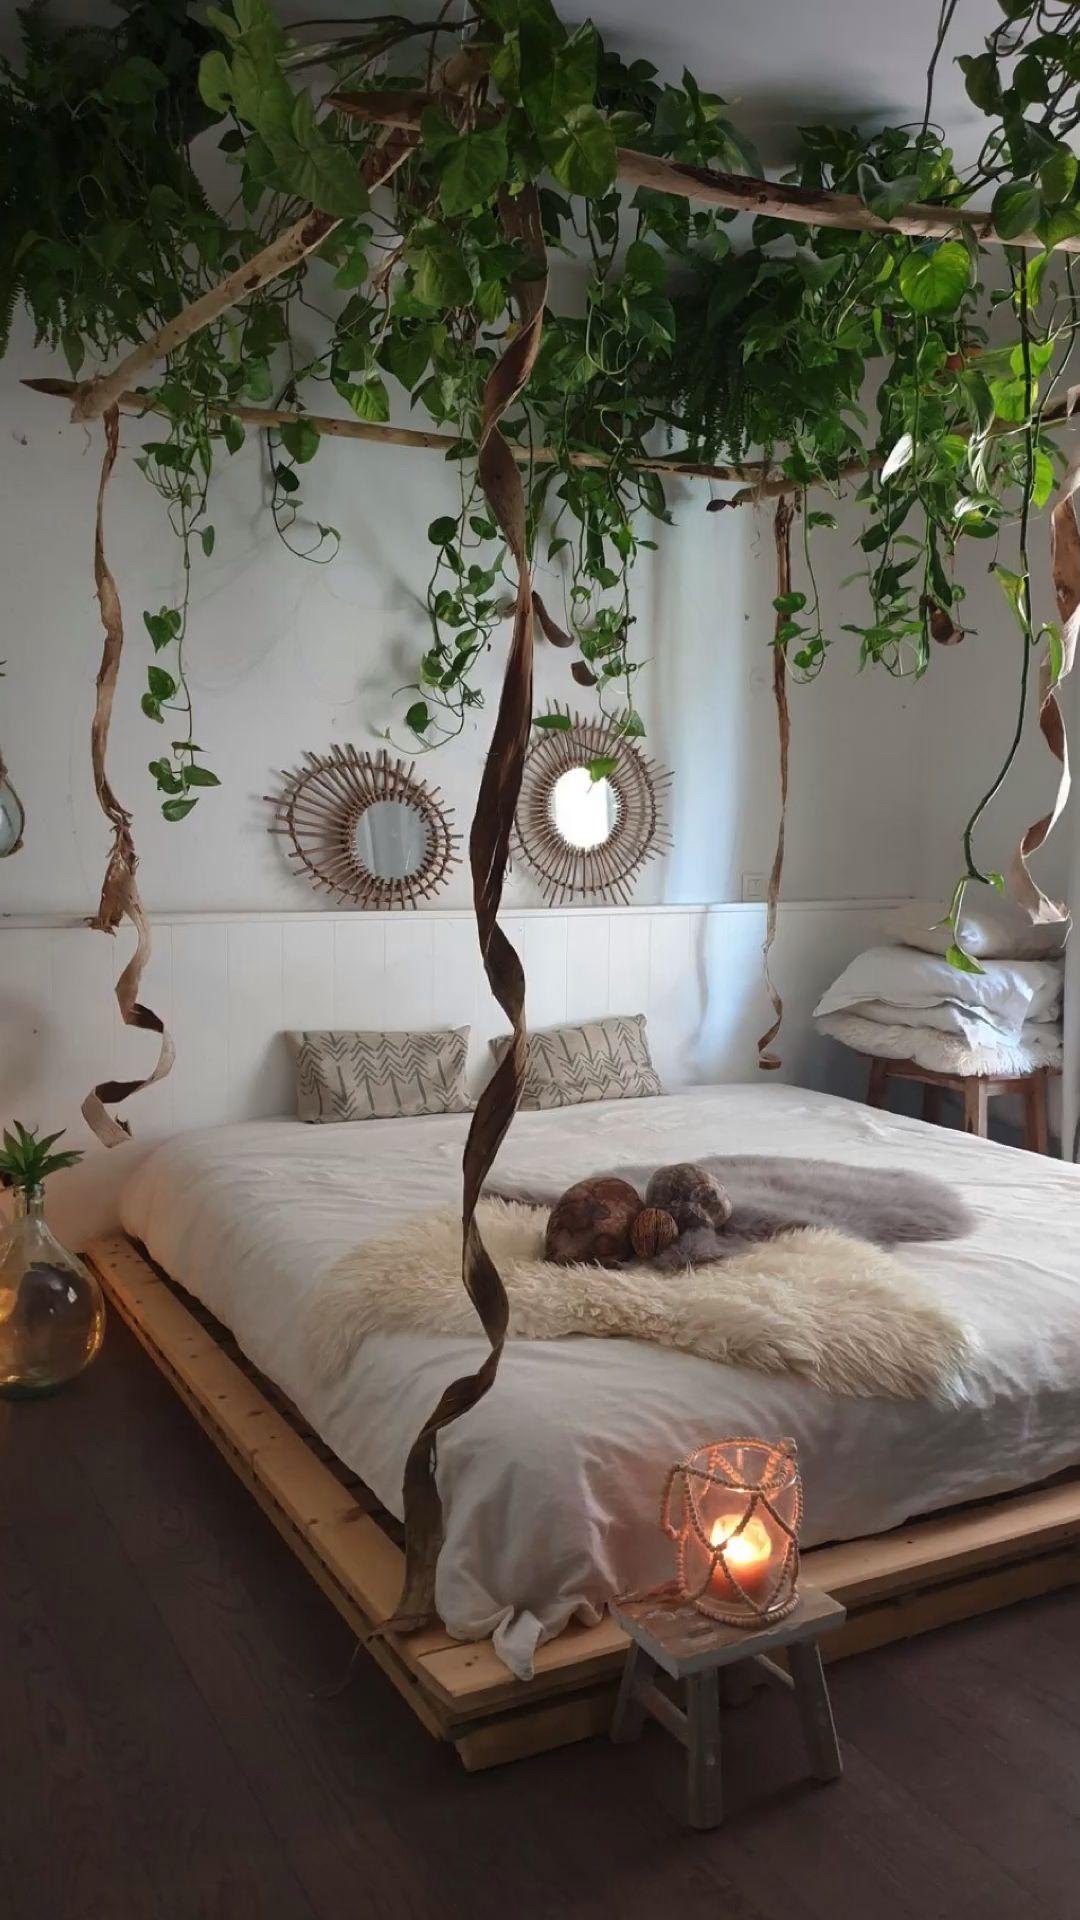 Schlafzimmer Ideen - Himmelbett Anleitung und 42 weitere Vorschläge - DIY, Schlafzimmer